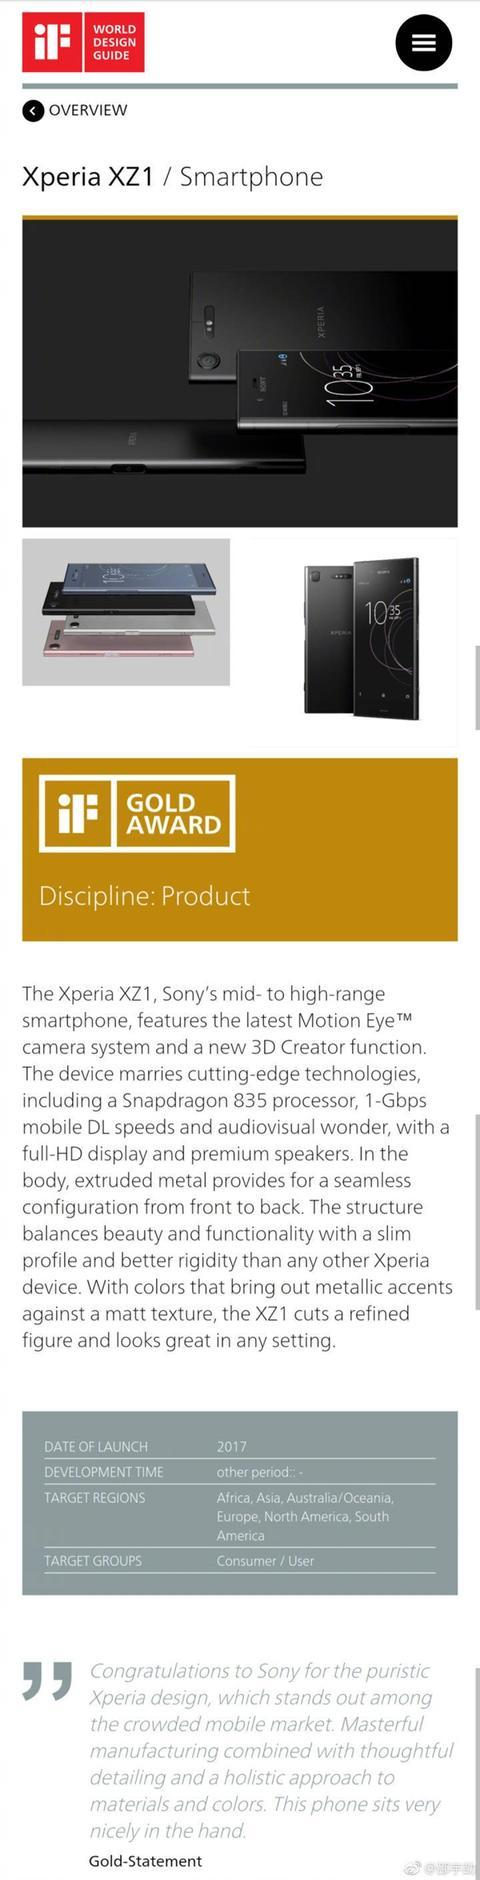 索尼Xperia XZ1斩获iF设计金奖的照片 - 2